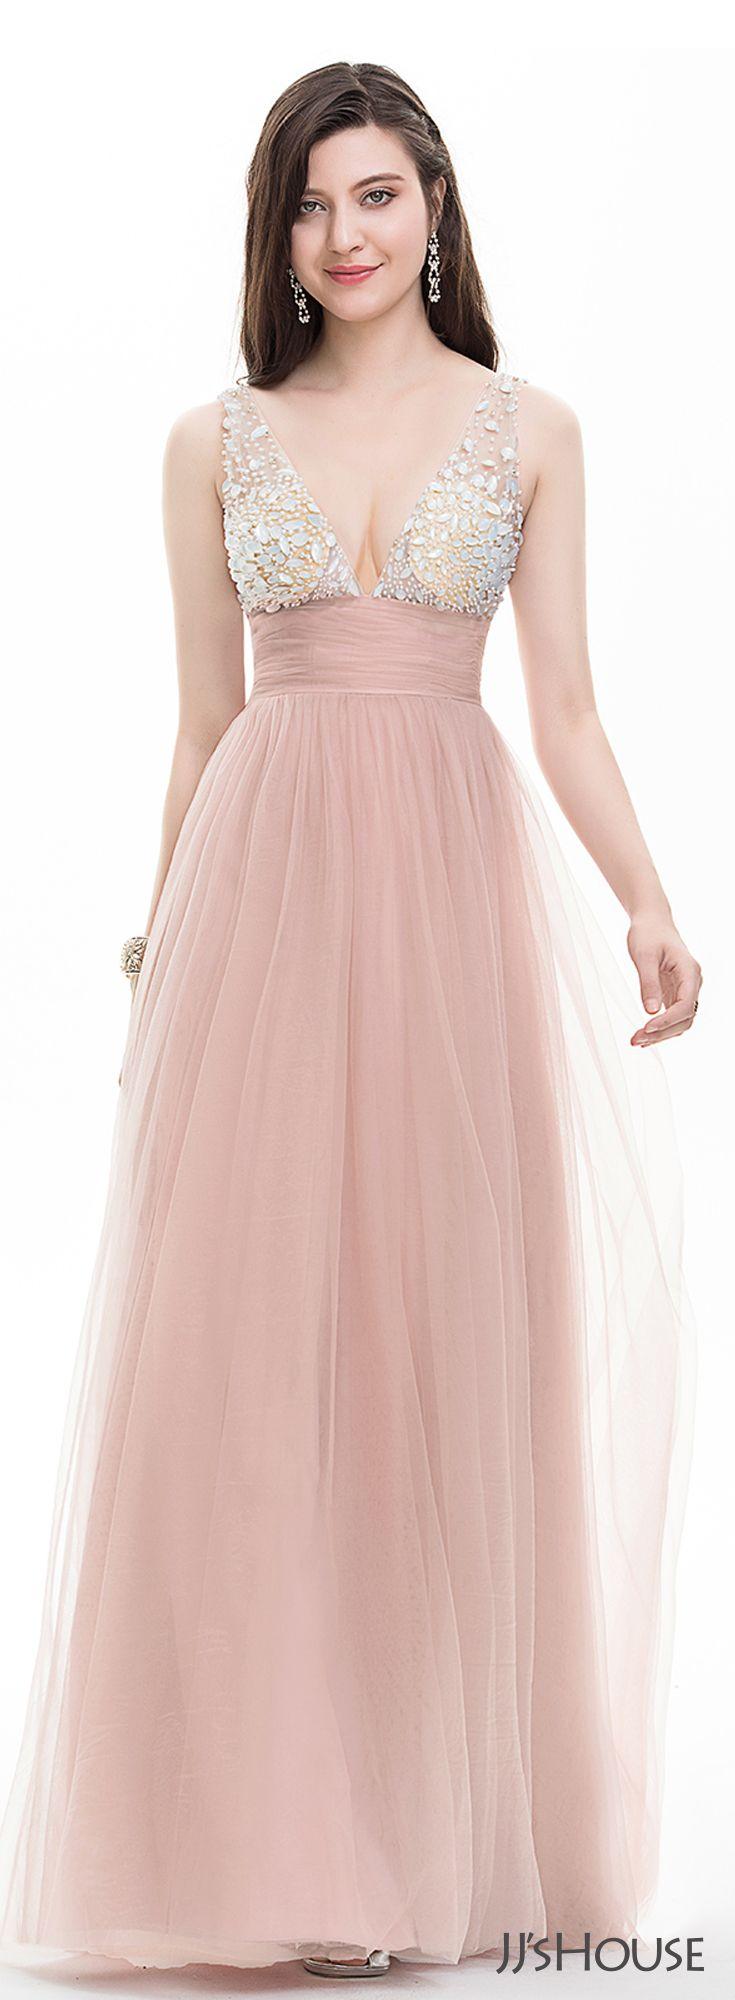 JJsHouse #Prom | Bridesmaid•° | Pinterest | Vestiditos, Vestidos de ...